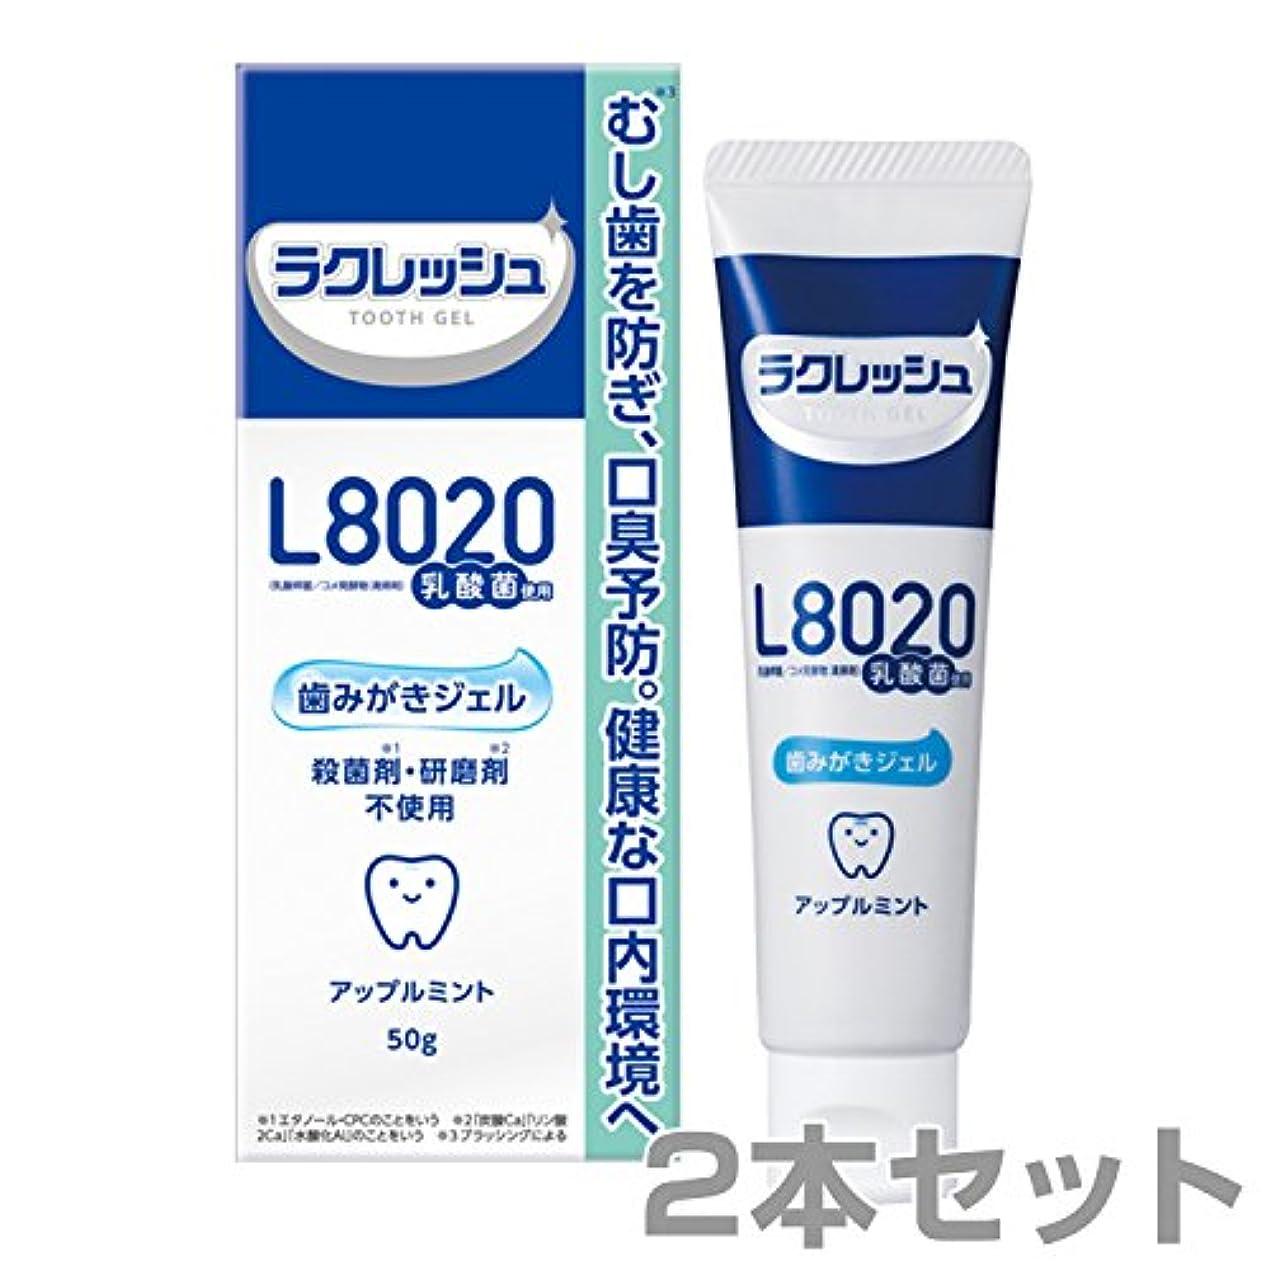 ジェクス(JEX) ラクレッシュ L8020 乳酸菌 歯みがきジェル (50g) 2本セット アップルミント風味